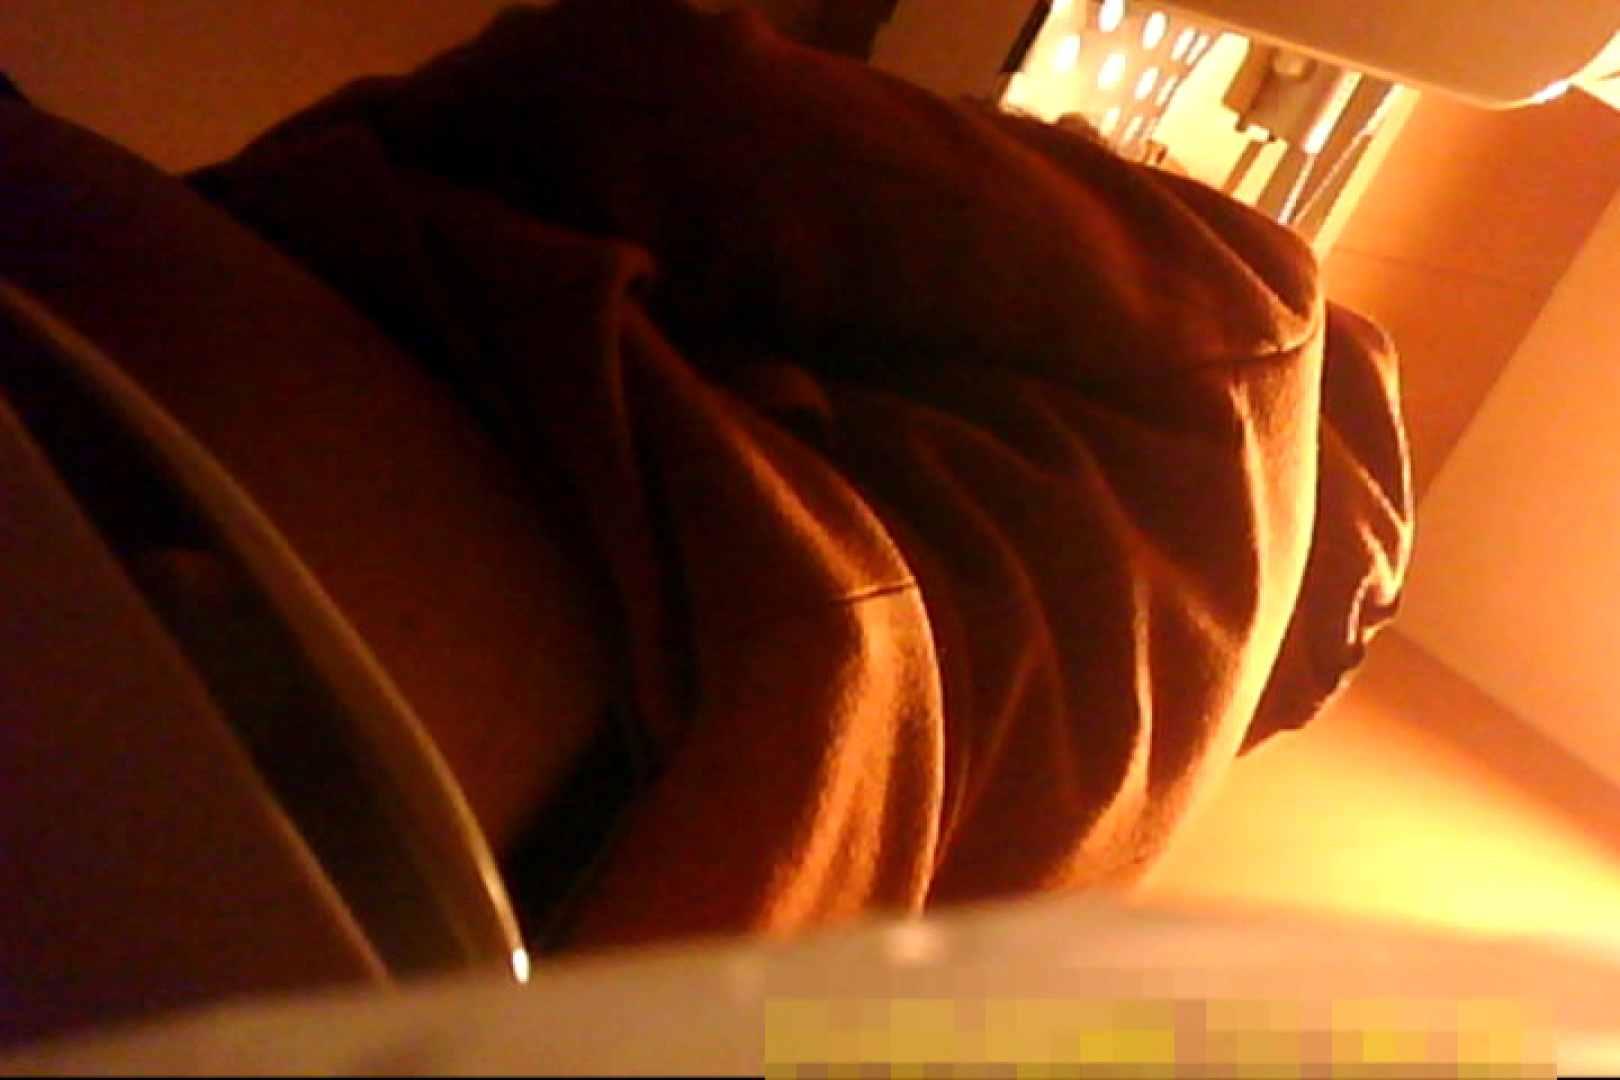 魅惑の化粧室~禁断のプライベート空間~vol.6 OLのボディ ワレメ動画紹介 103PIX 23